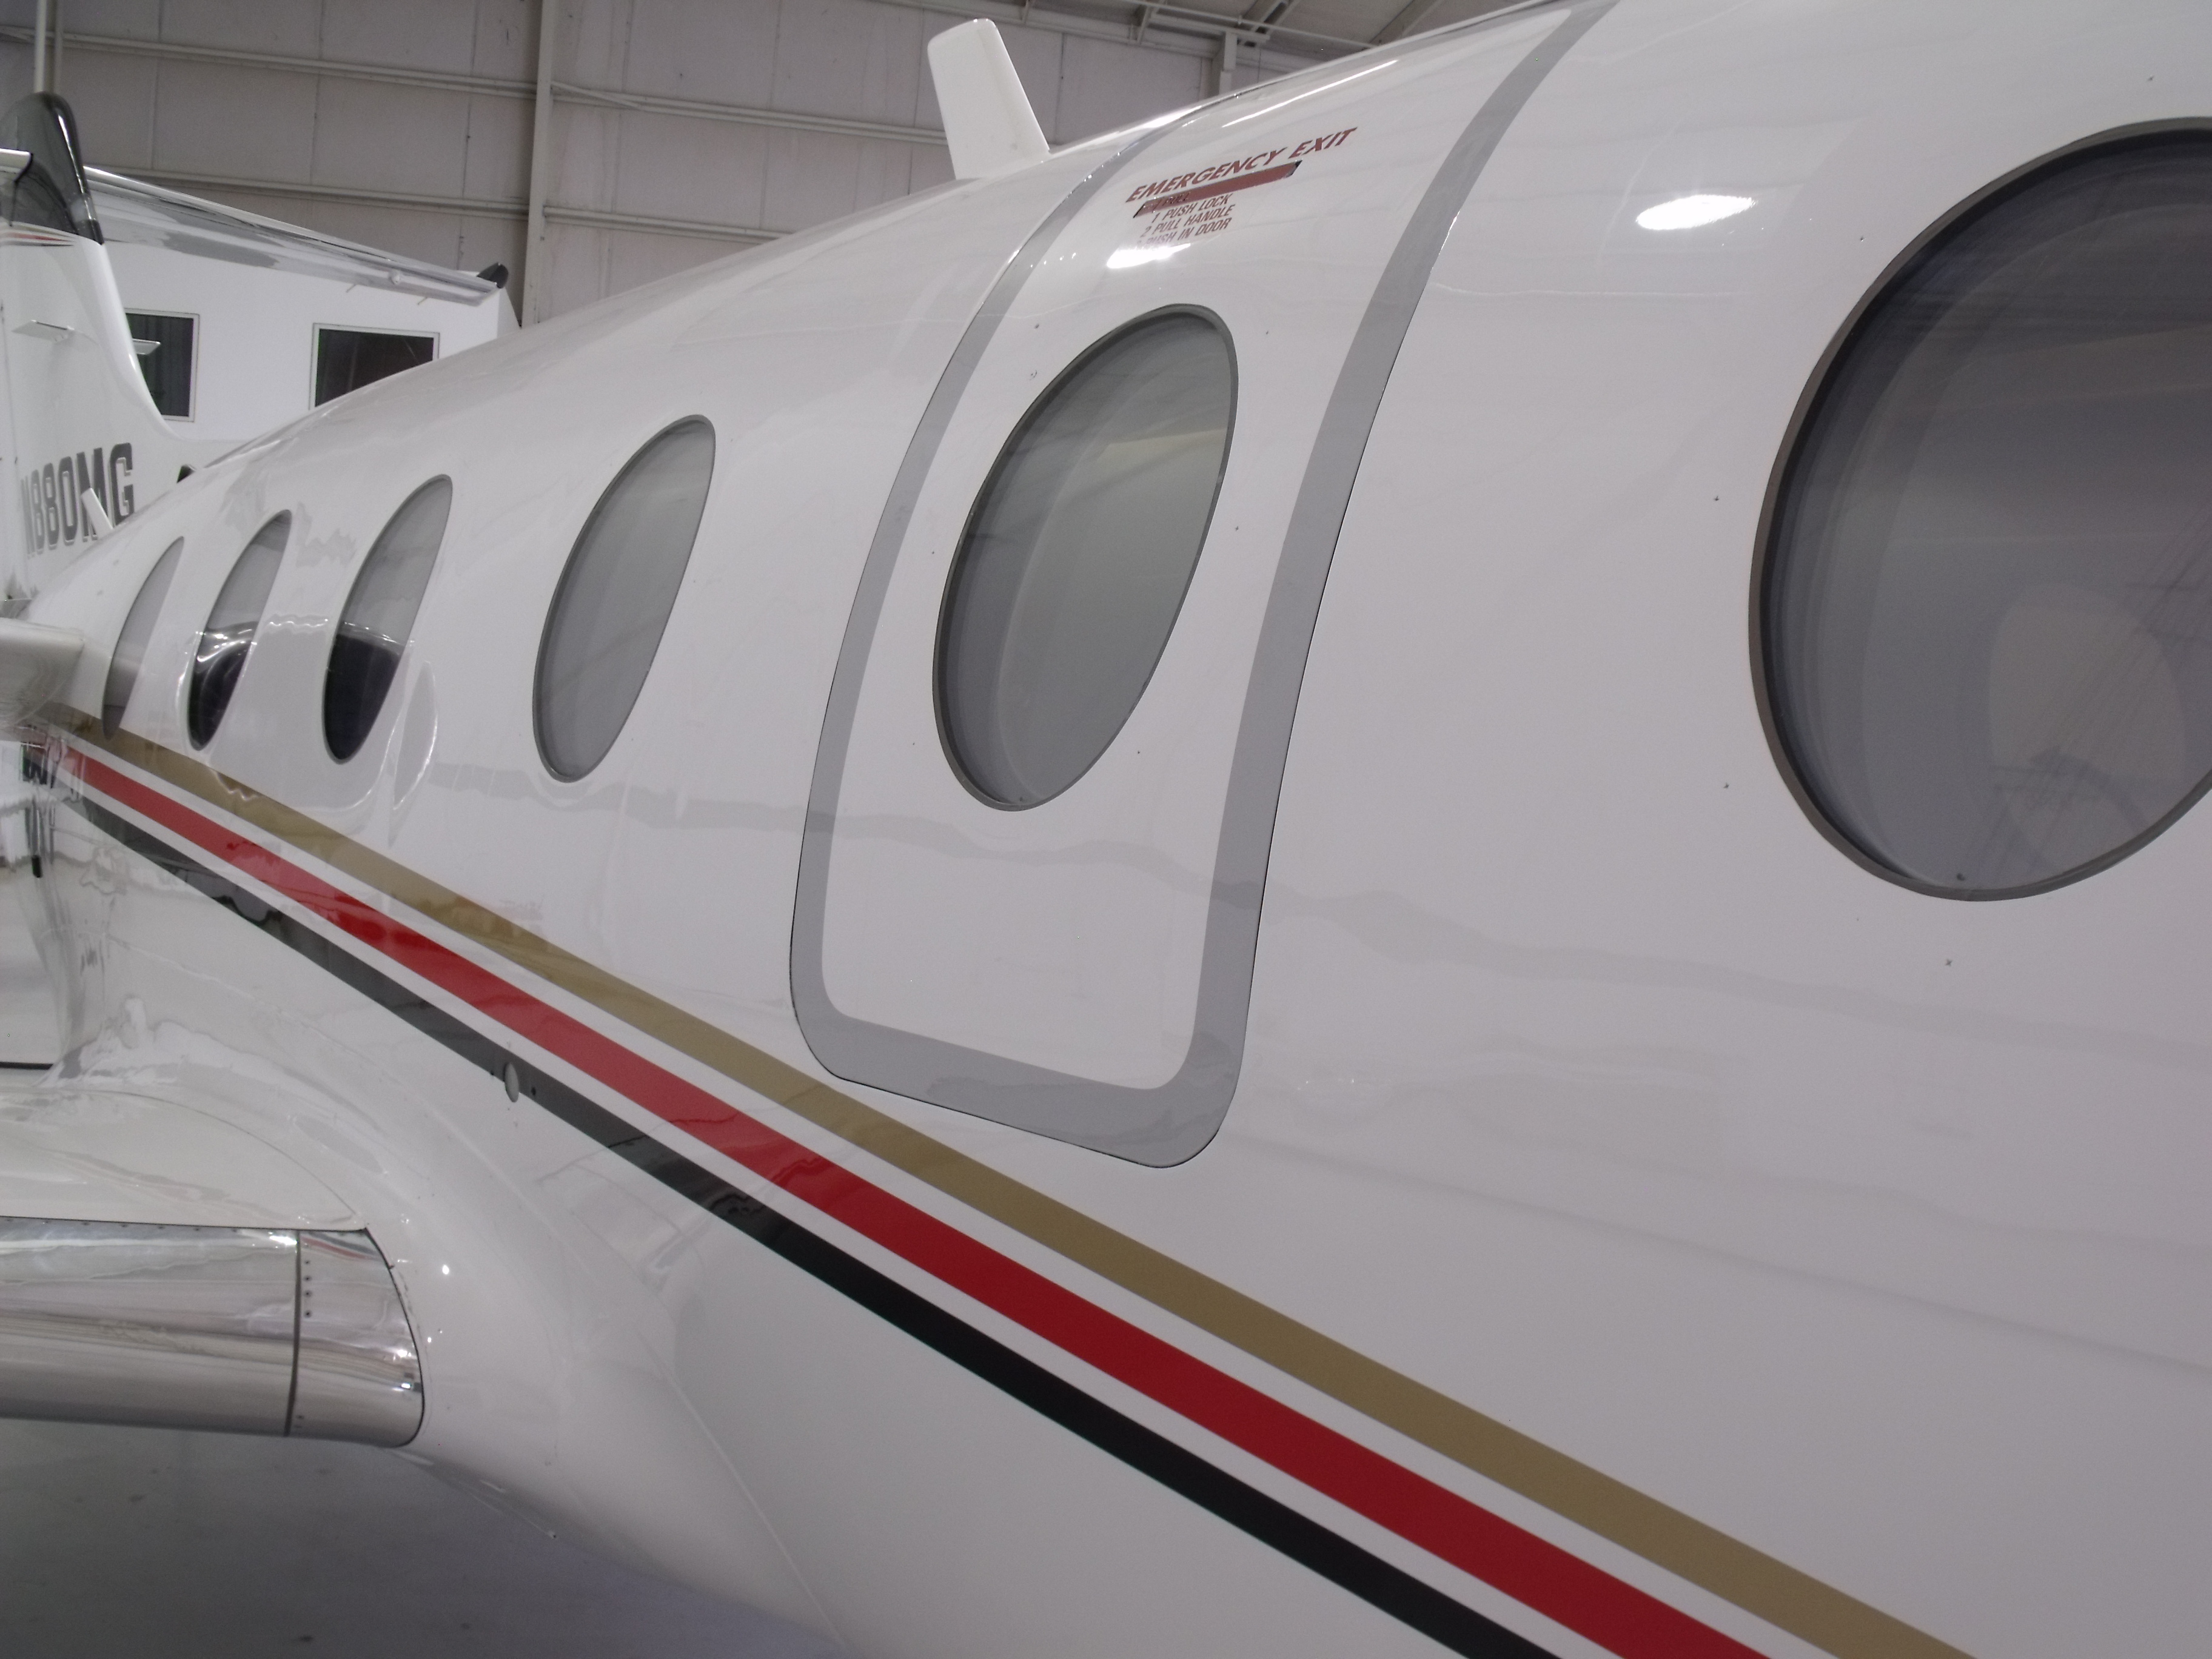 Beechjet 400A exterior